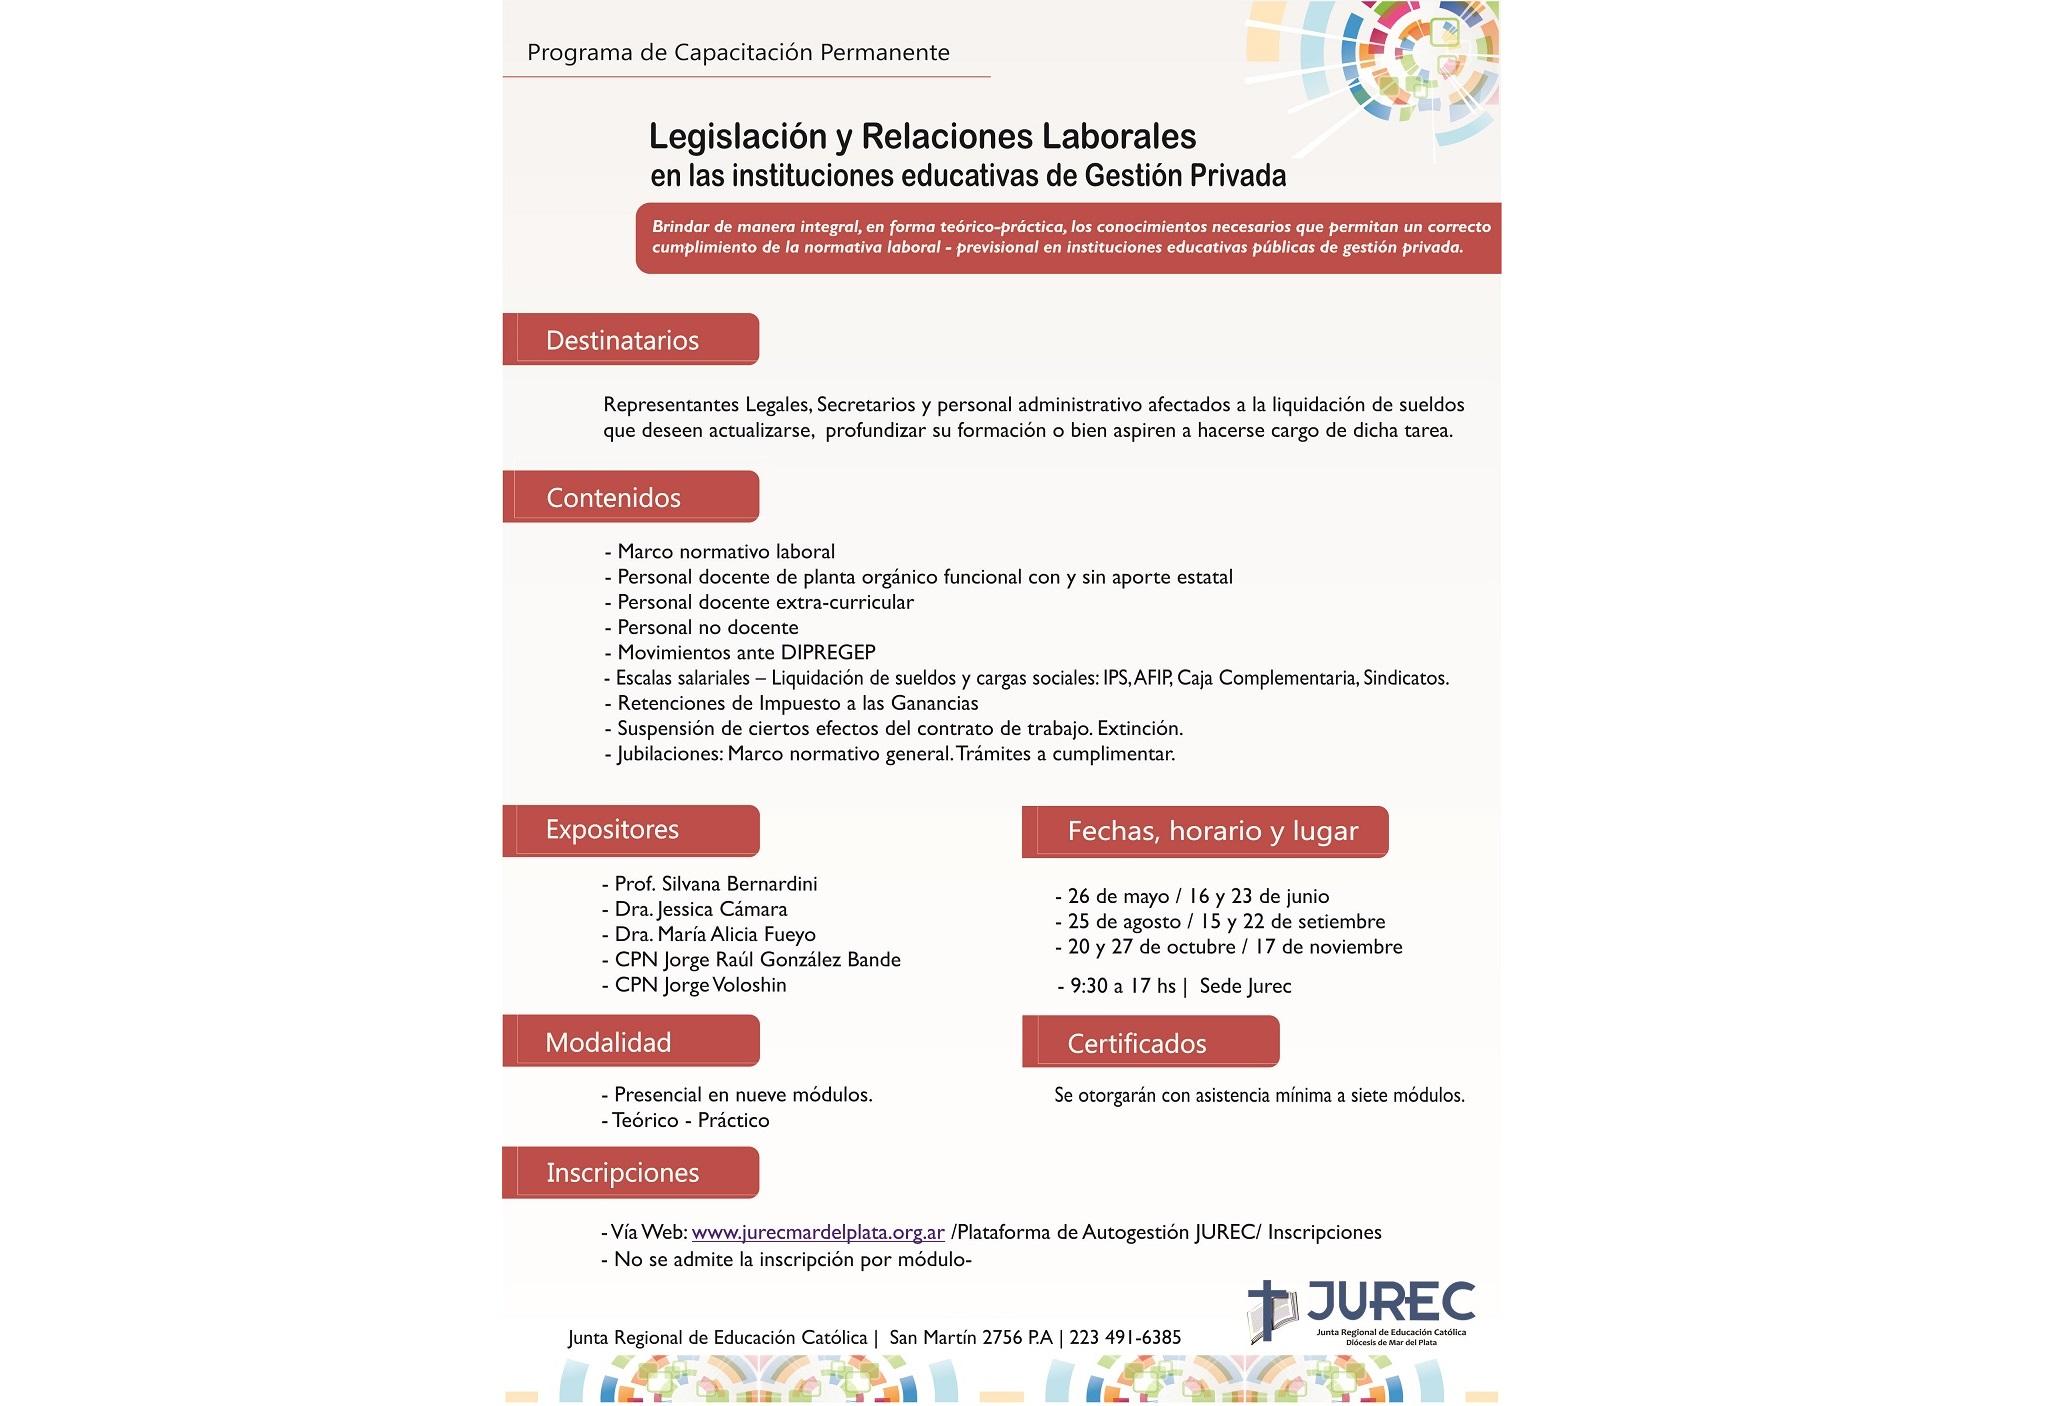 El viernes 26 de mayo inicia el curso Legislación y Relaciones Laborales en las instituciones educativas de Gestión Privada